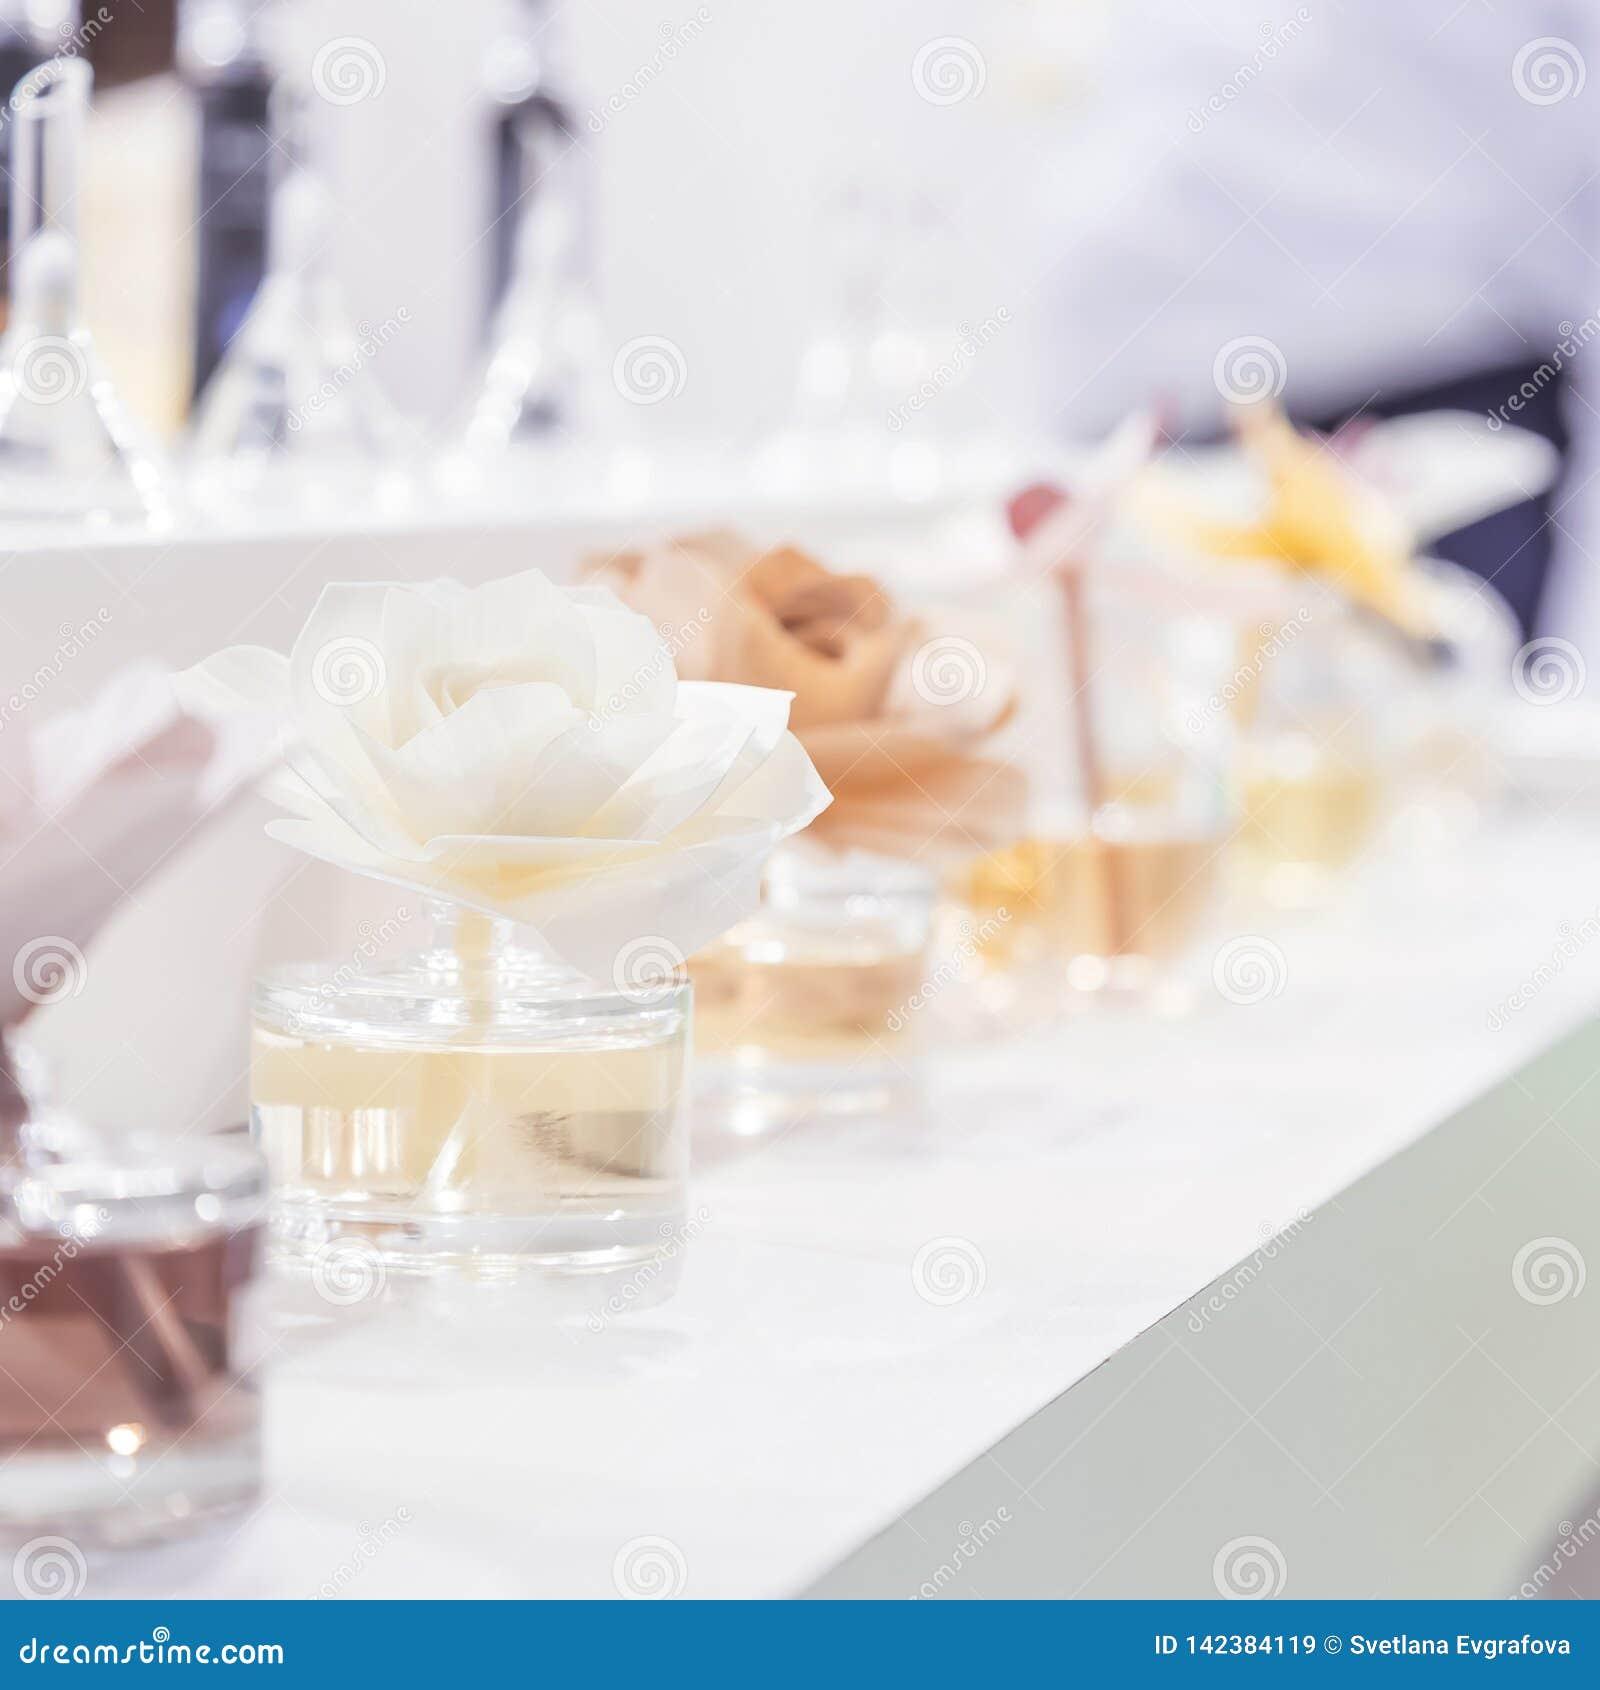 Czyści, higiena, aromatherapy, zdrój i zdrowie, Aromatyczny lotniczego freshener lotniczy freshener w szklanych słojach w postaci